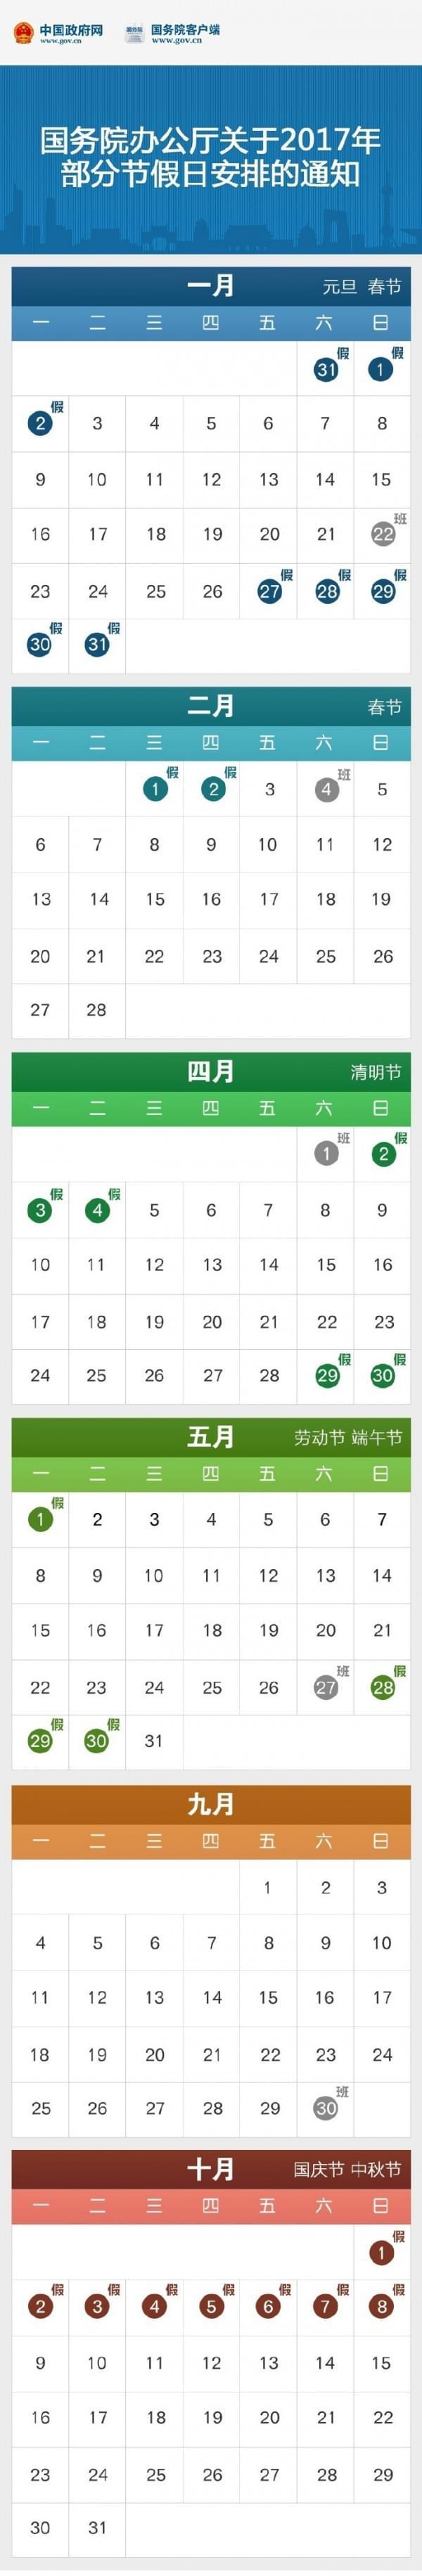 2017年节假日放假安排公布:中秋国庆连放8天的照片 - 2